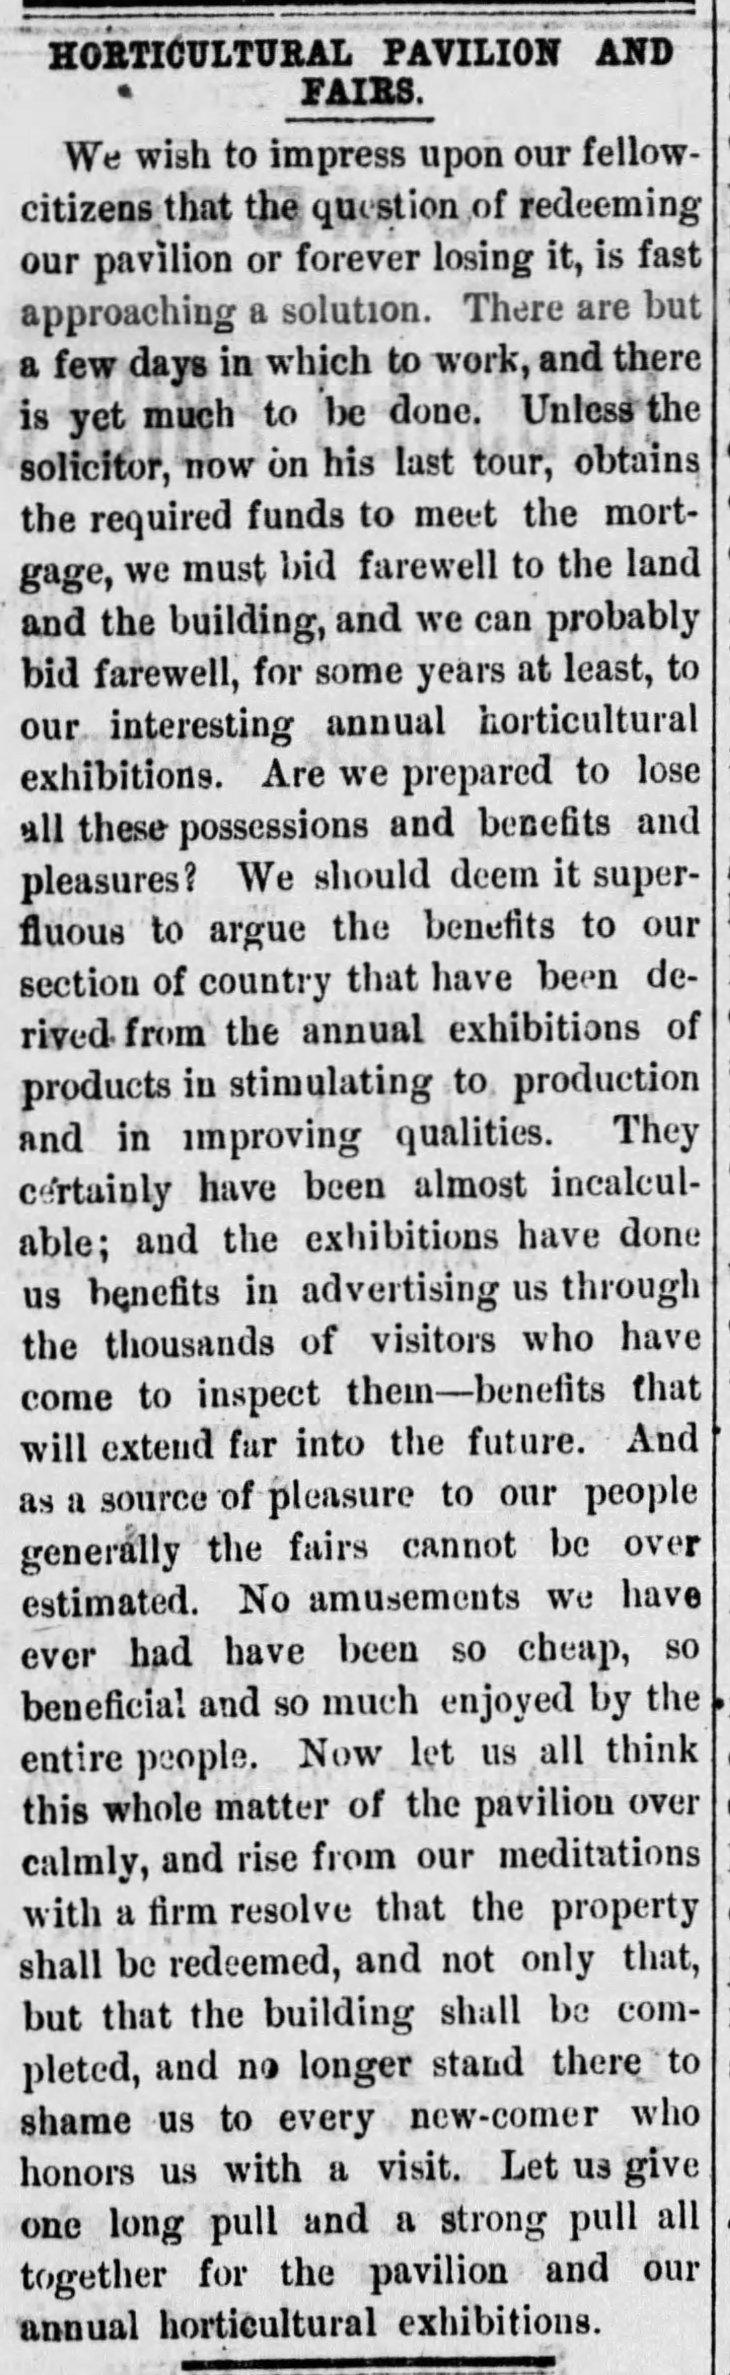 Horticultural Pavilion edit LA_Times_Feb_17__1882_